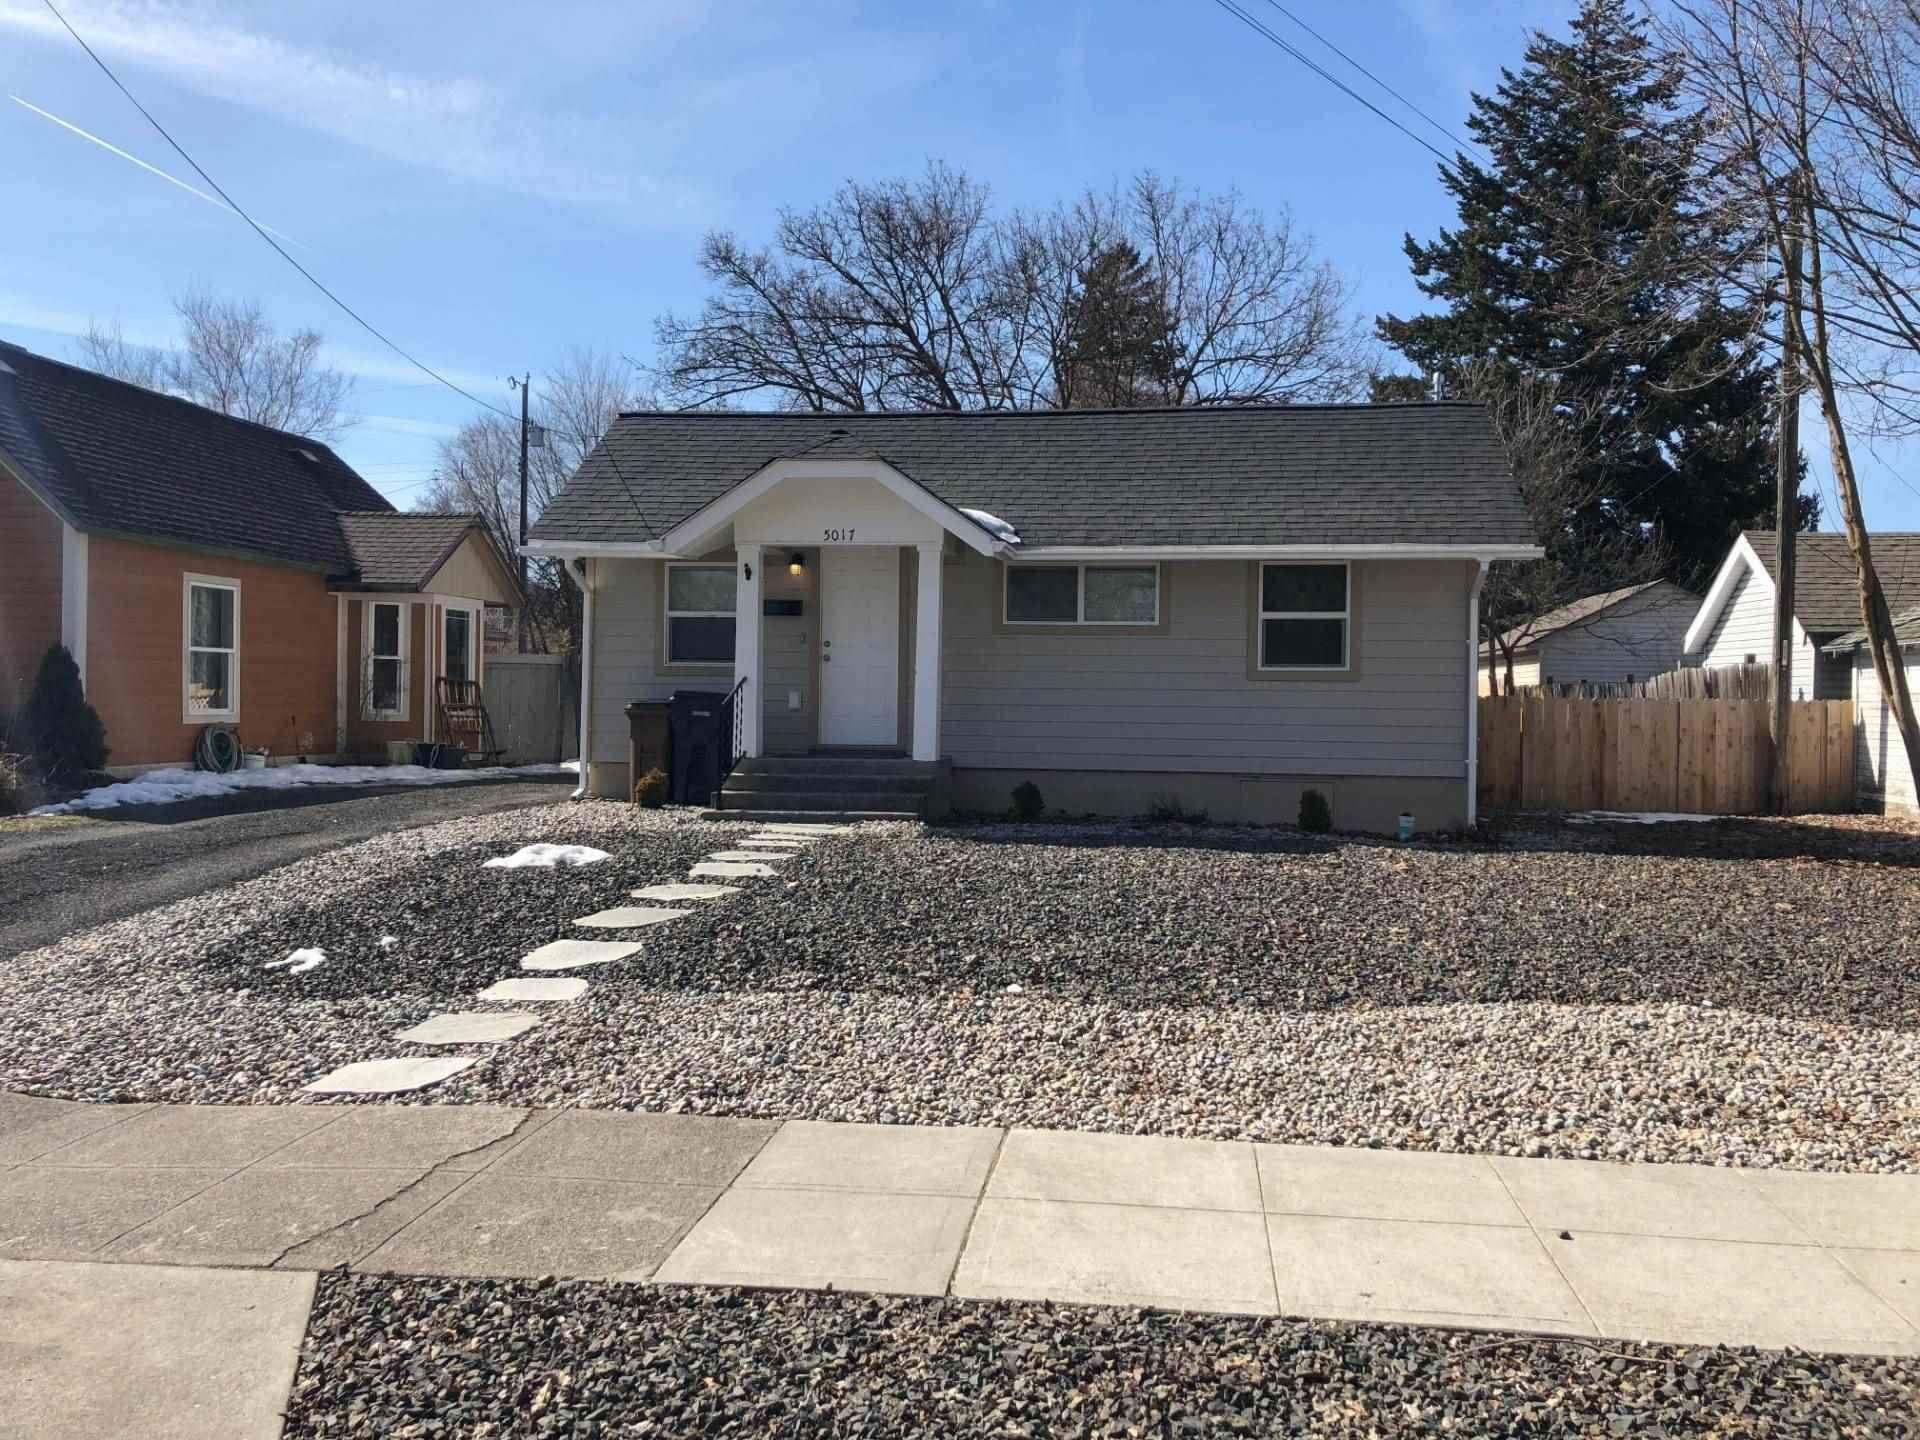 5017 N Stone St, Spokane, WA 99207 - #: 202110955